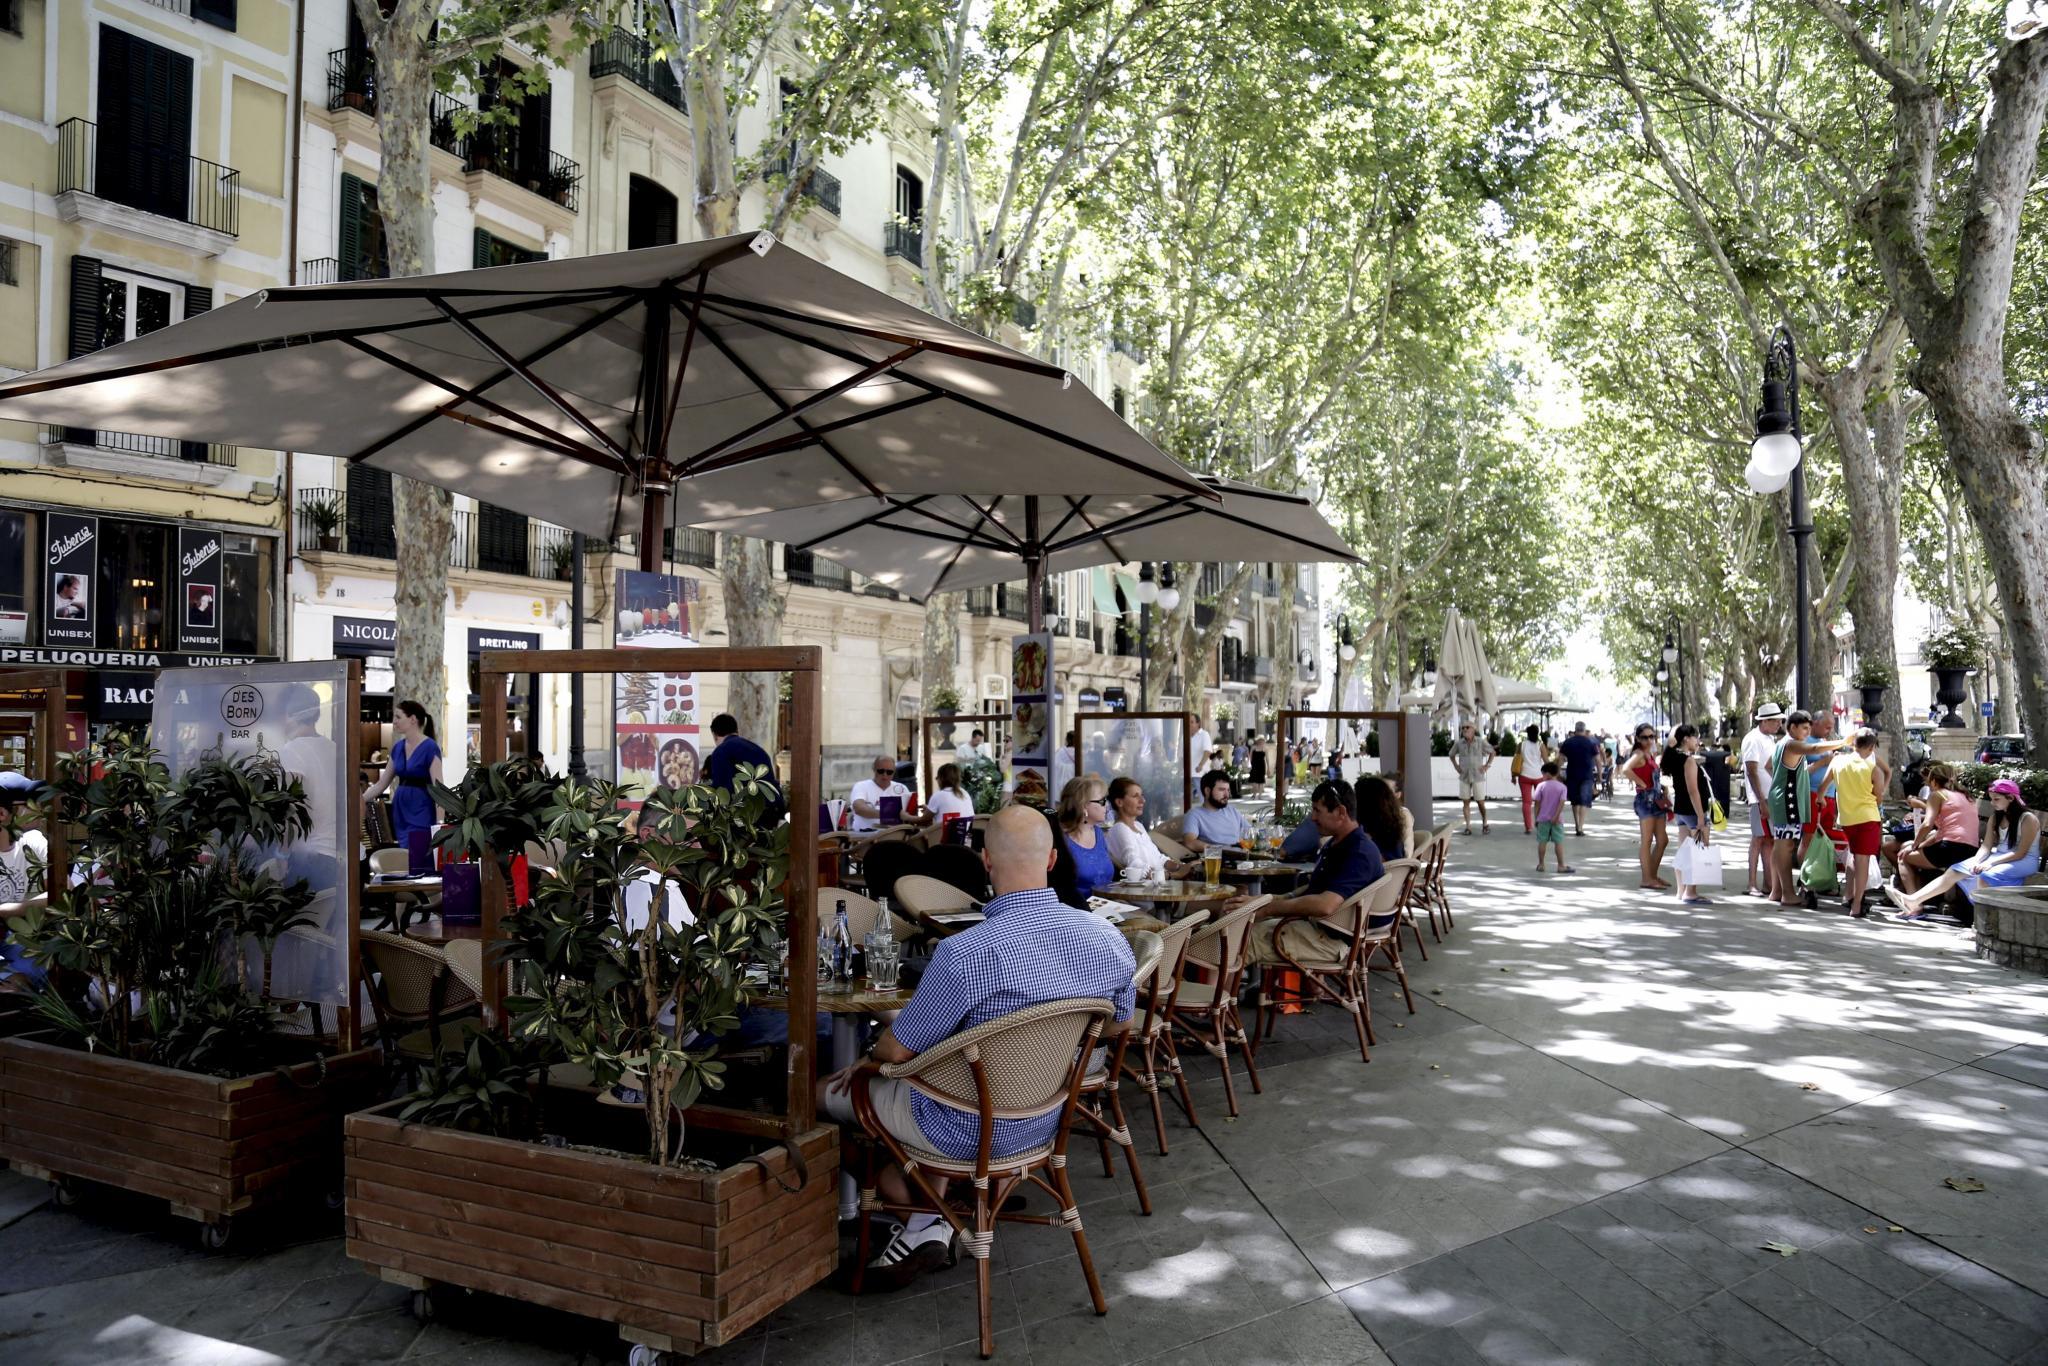 Restaurent Saint Remi De Provence